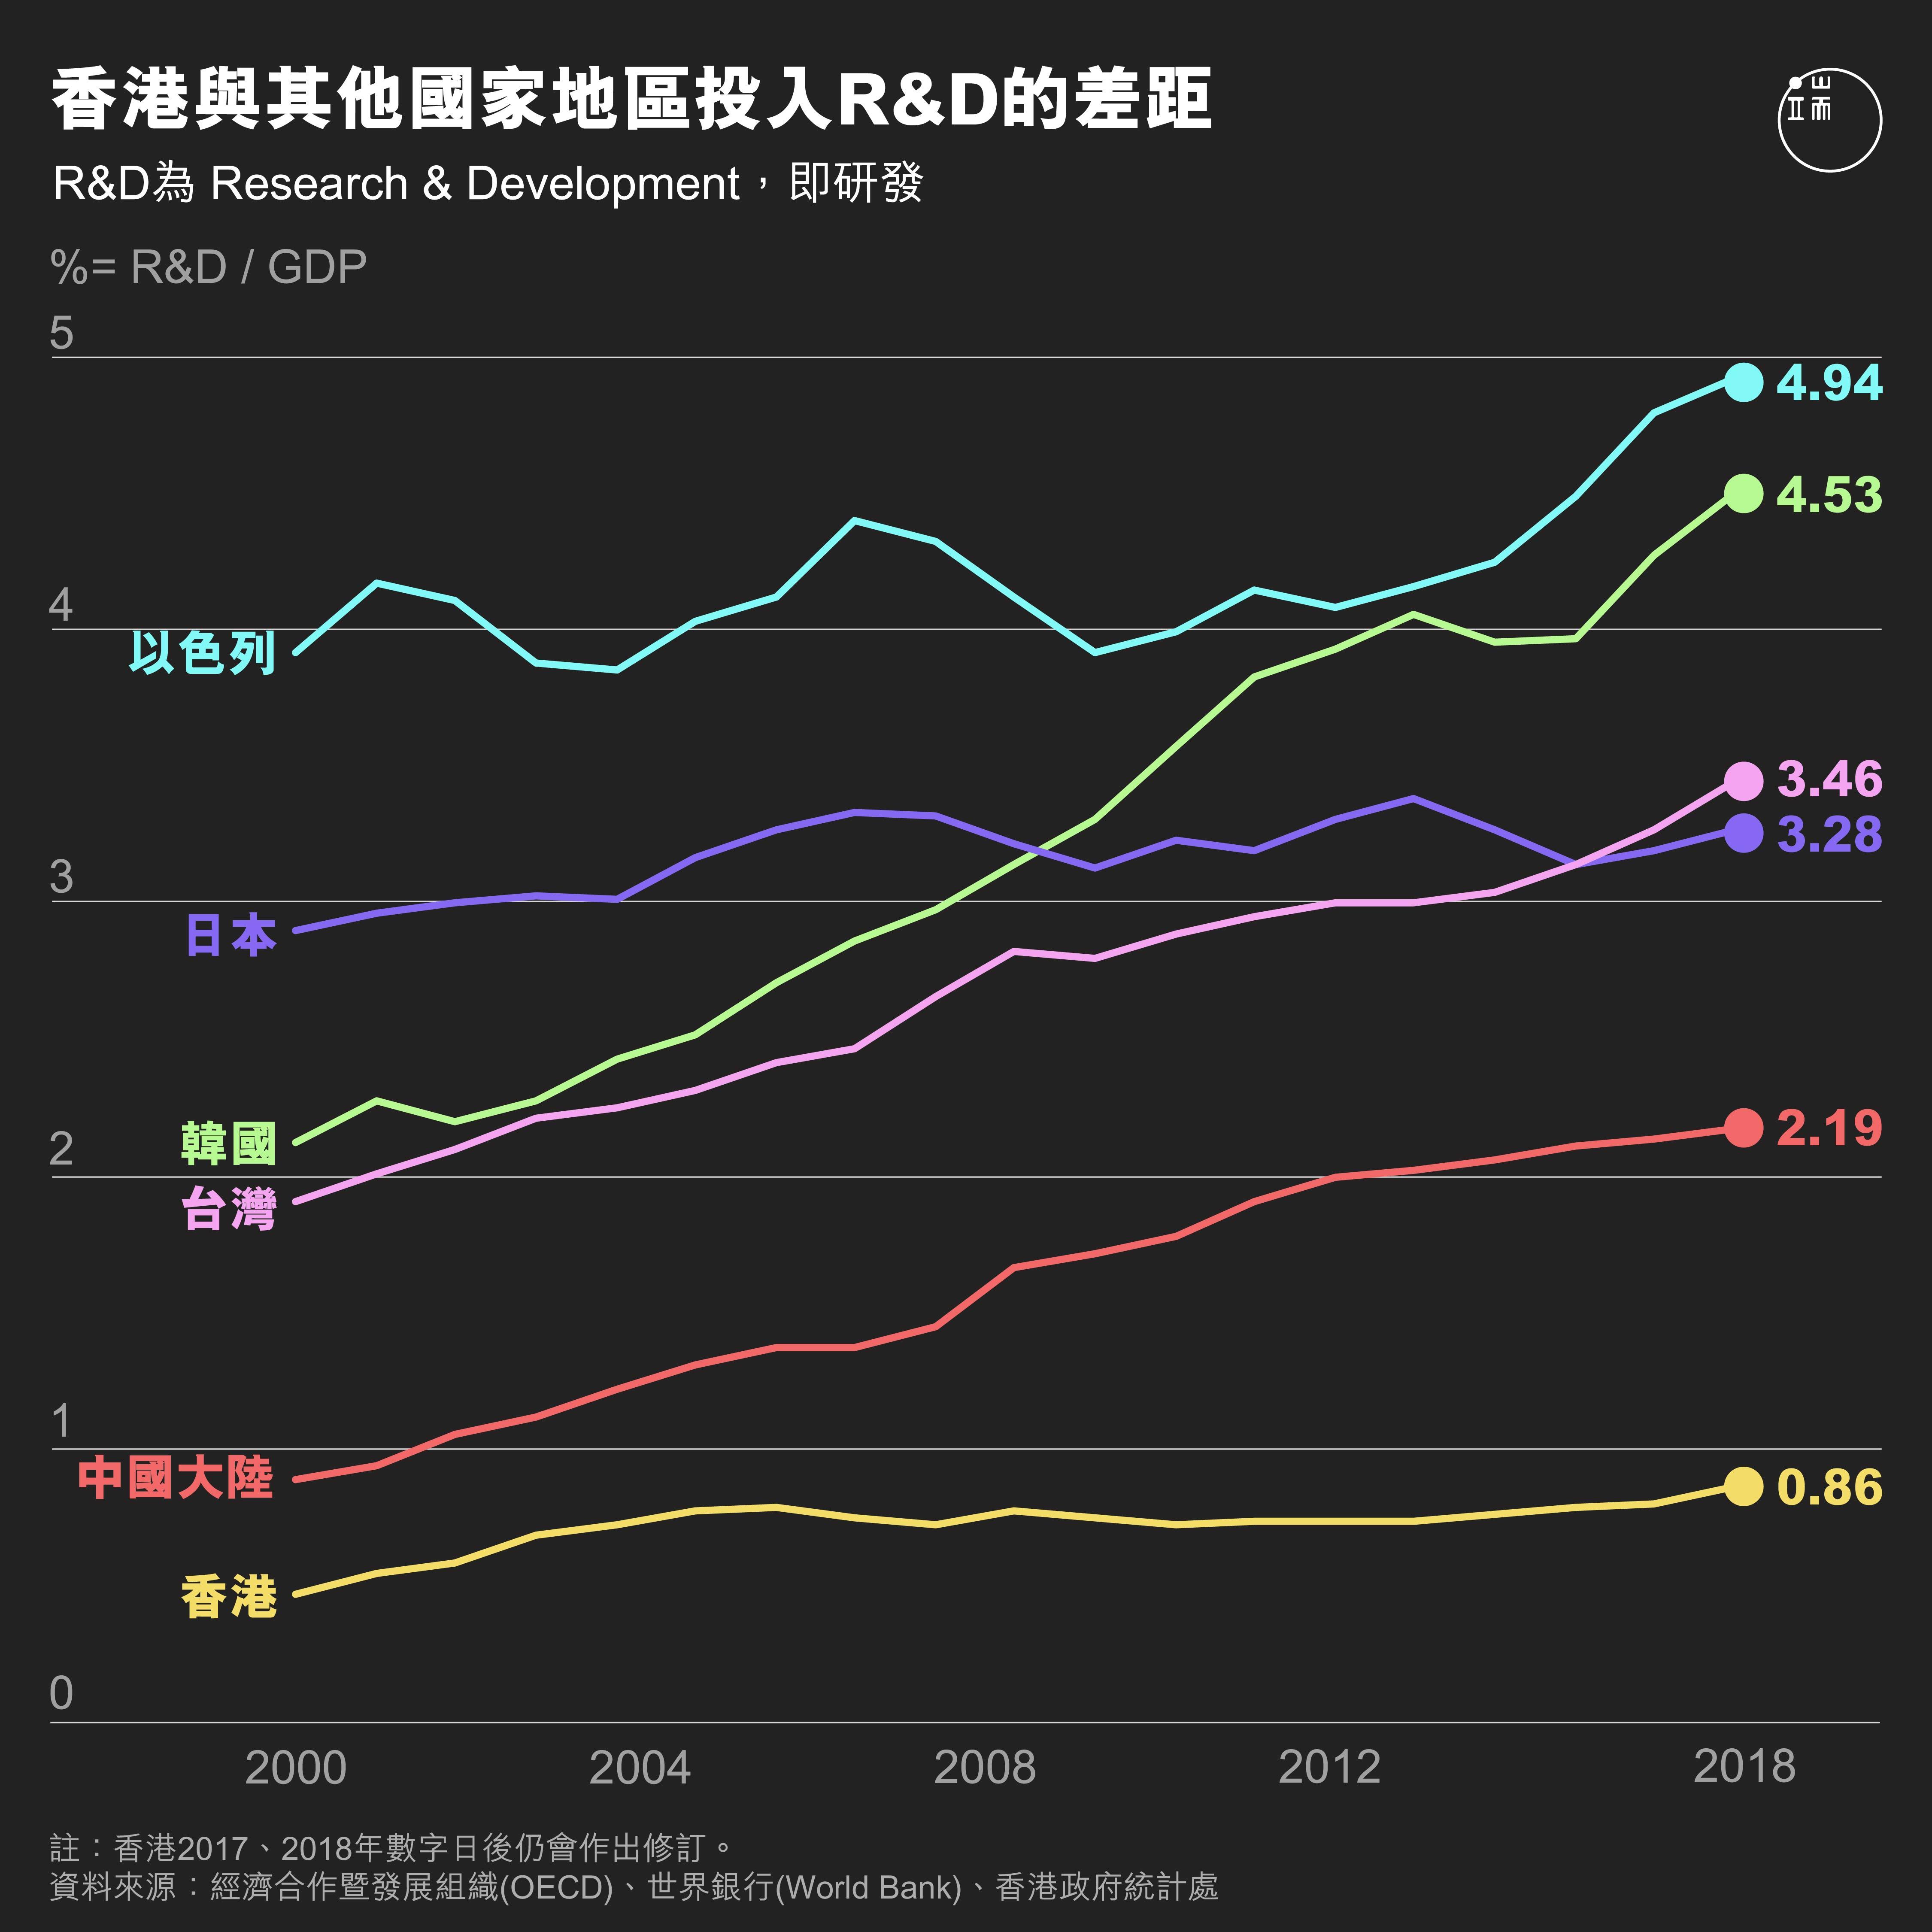 香港R&D投入。端:端傳媒設計部。